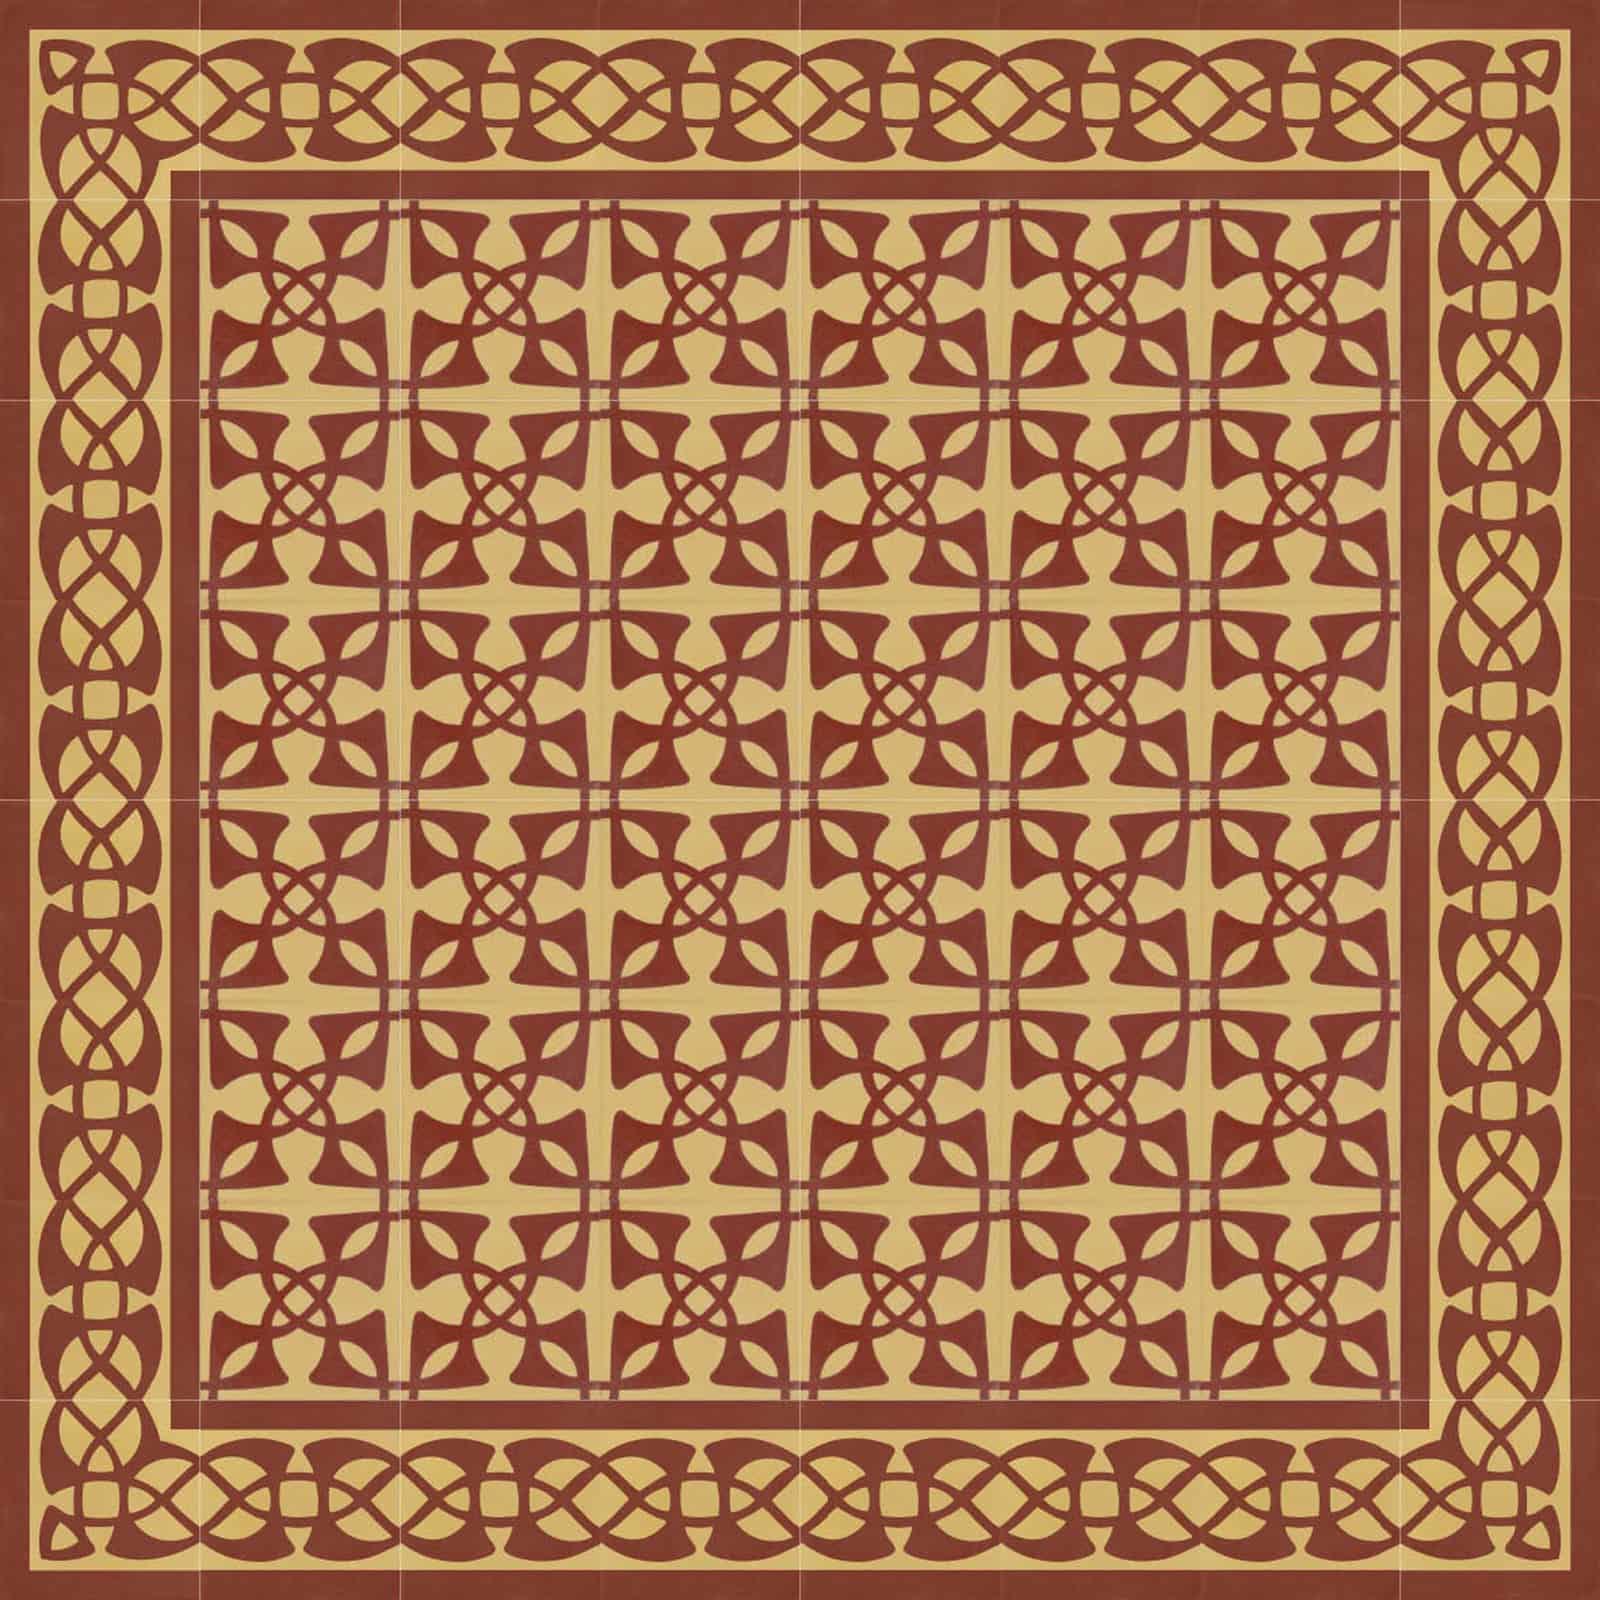 zementfliesen-terrazzofliesen-kreidefarbe-terrazzo-fugenlos-viaplatten-51008-verlegemuster | 53008-12/141